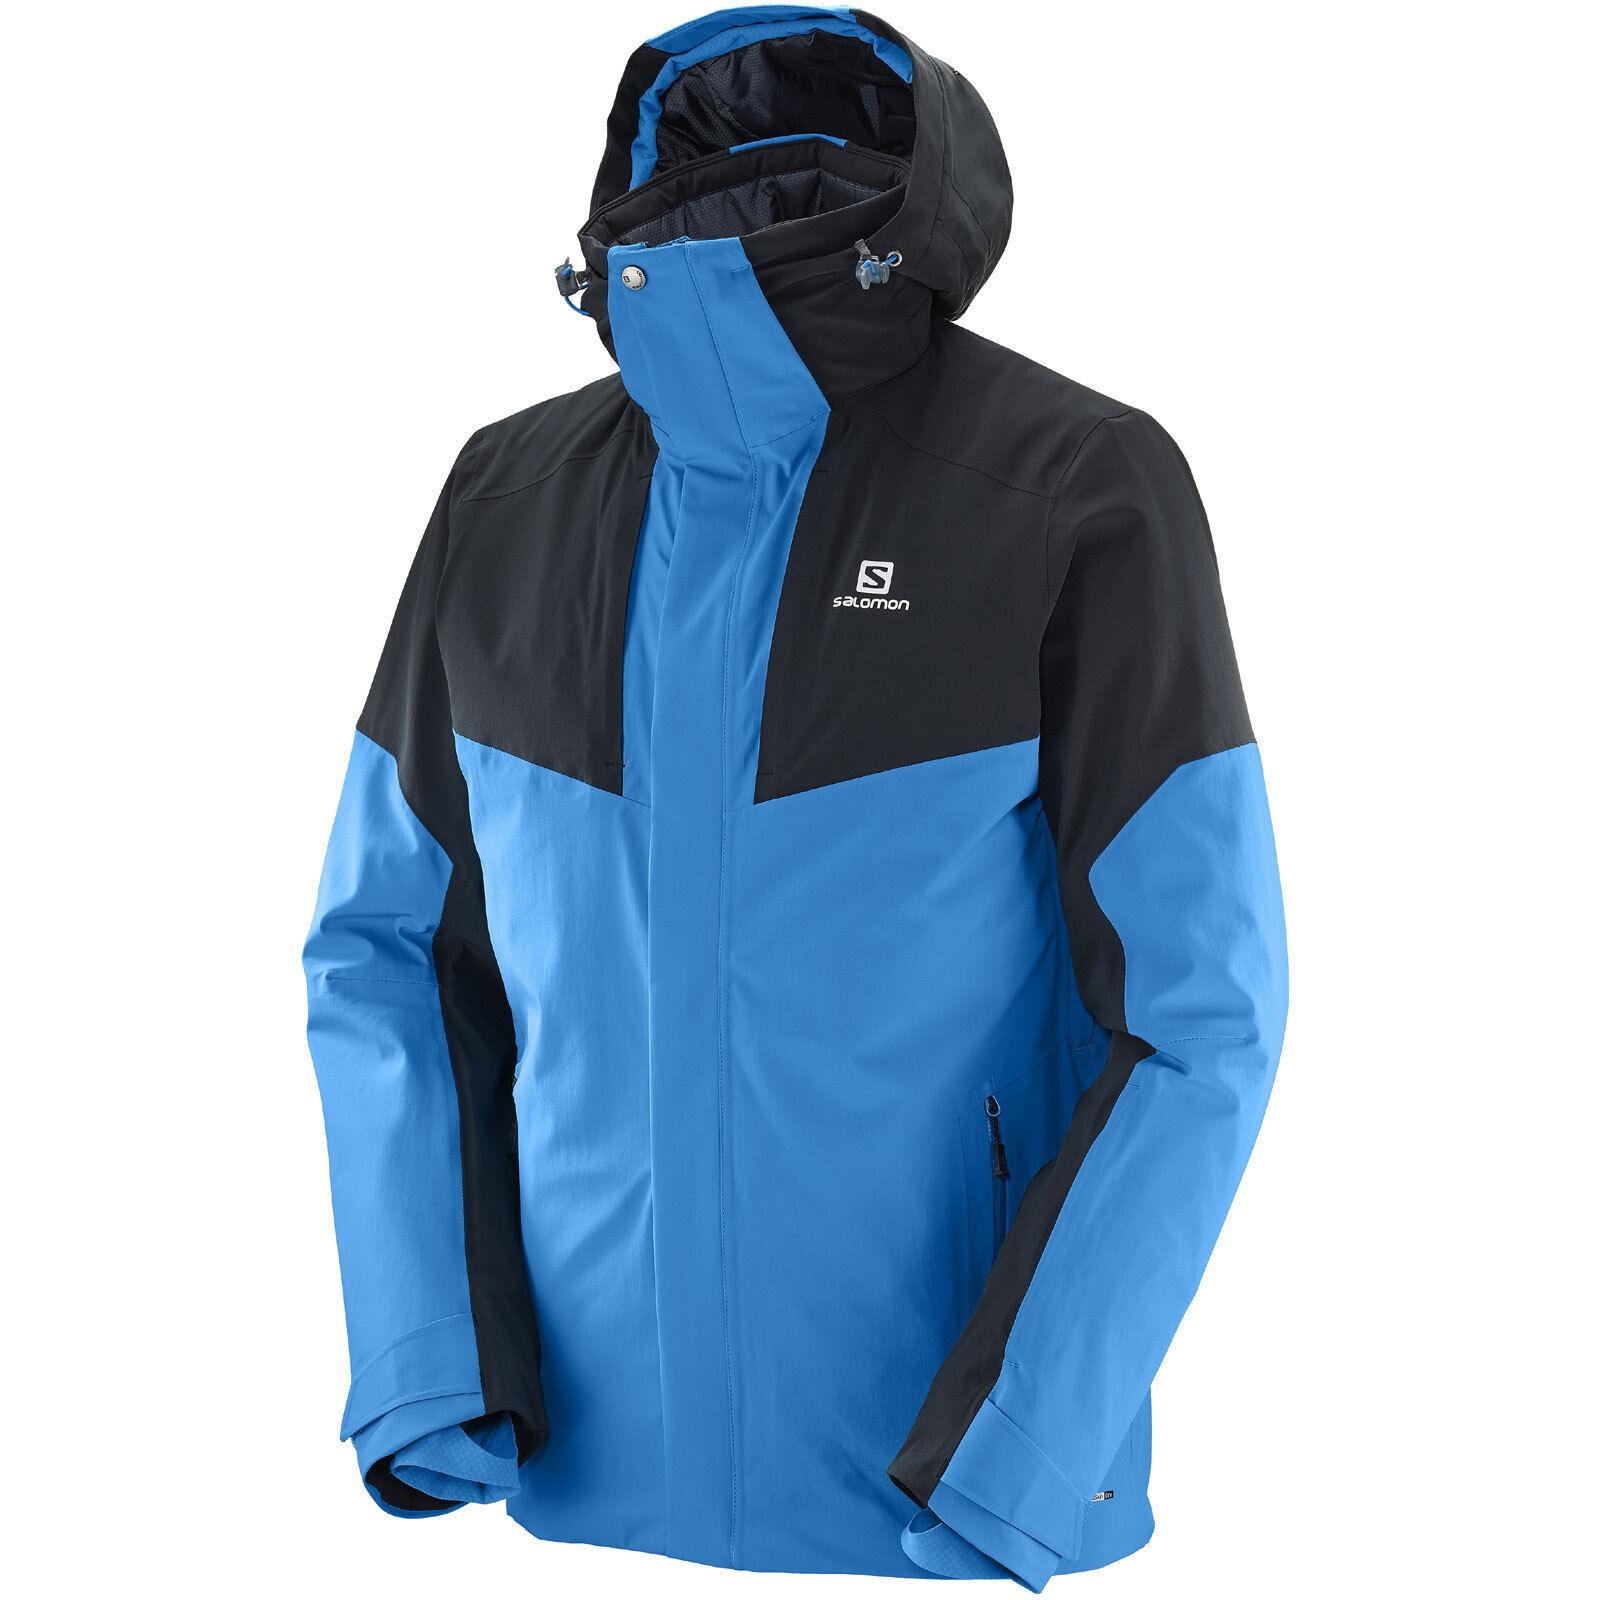 Salomon Icerocket Jacket Jacket Jacket Herren Skijacke Winterjacke Jacke Snowboardjacke NEU d3b0e1